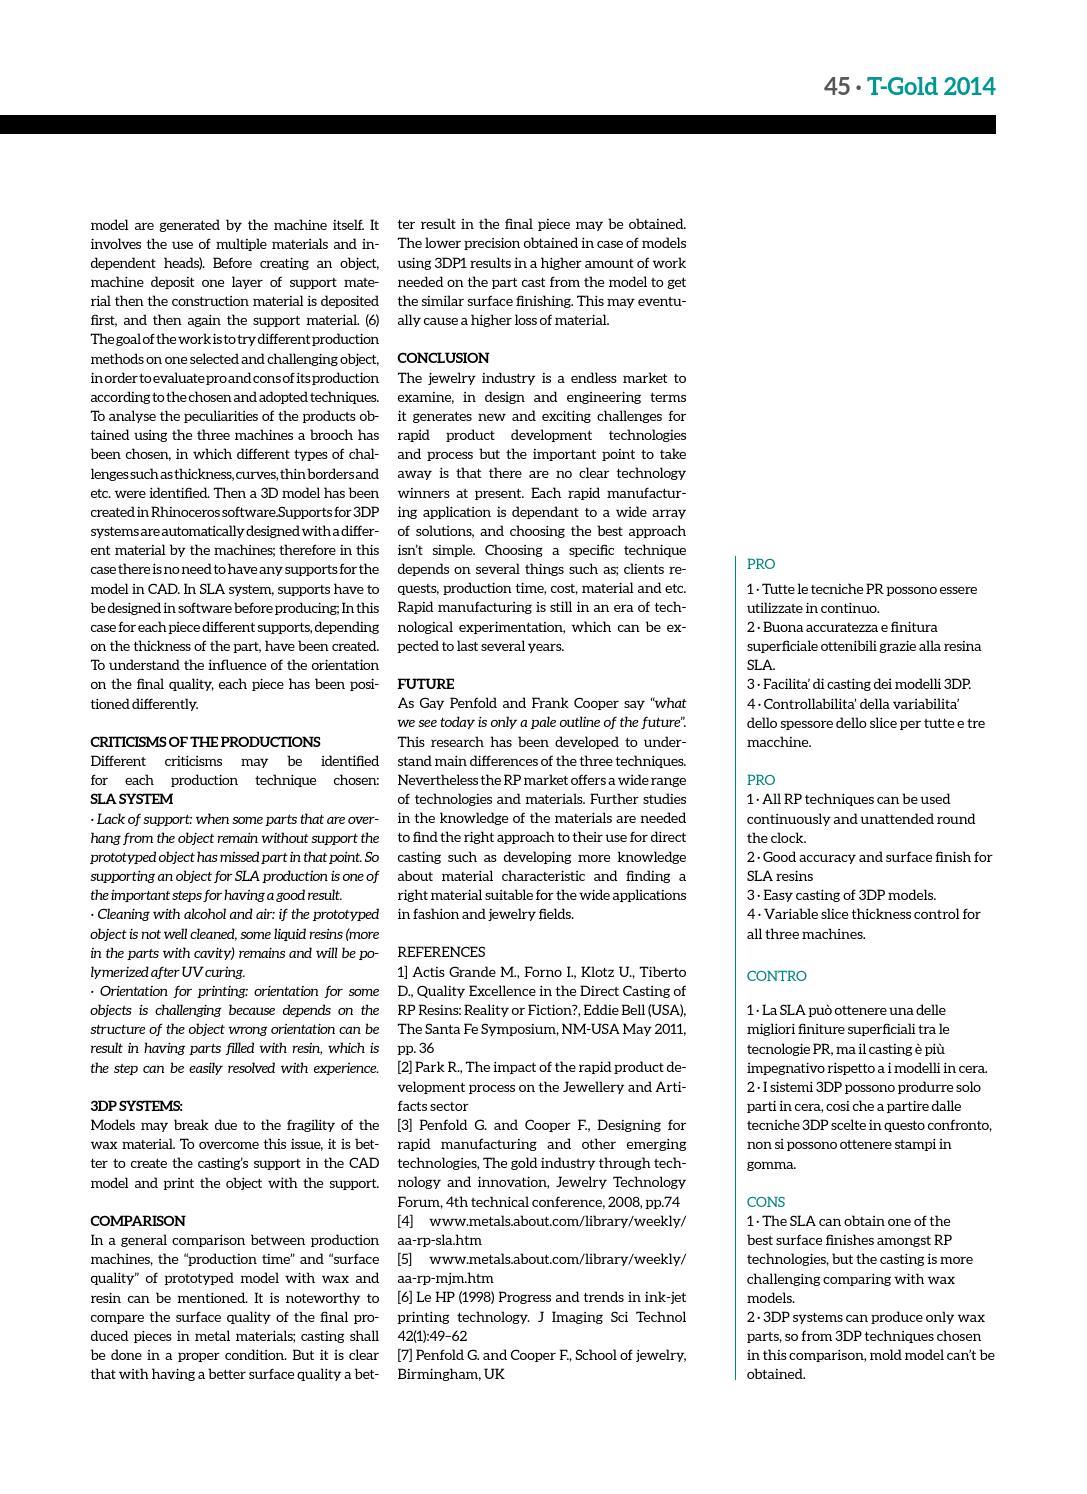 T-GOLD Magazine 2014 by Fiera di Vicenza - issuu